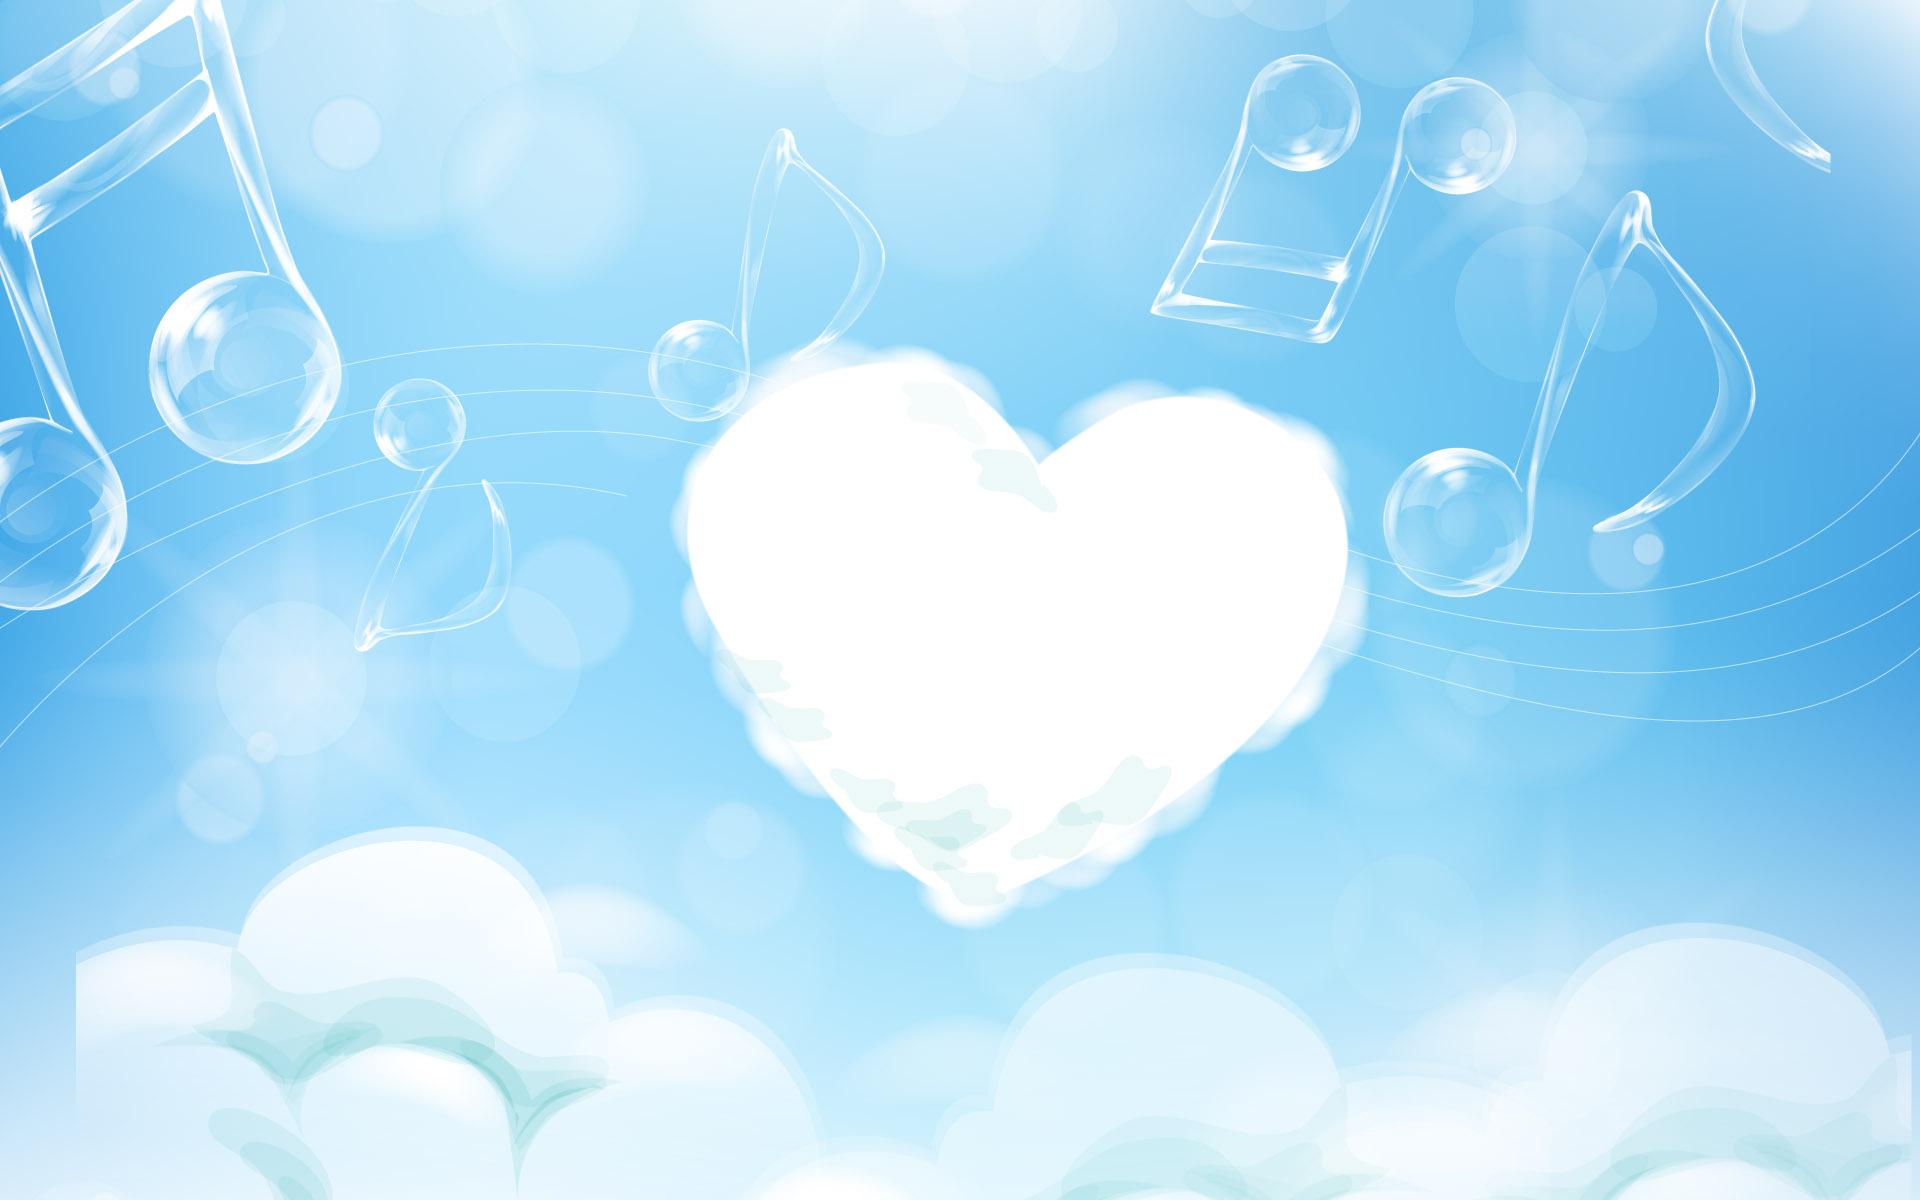 Сердце из облака, рисунок, фото, обои для рабочего стола